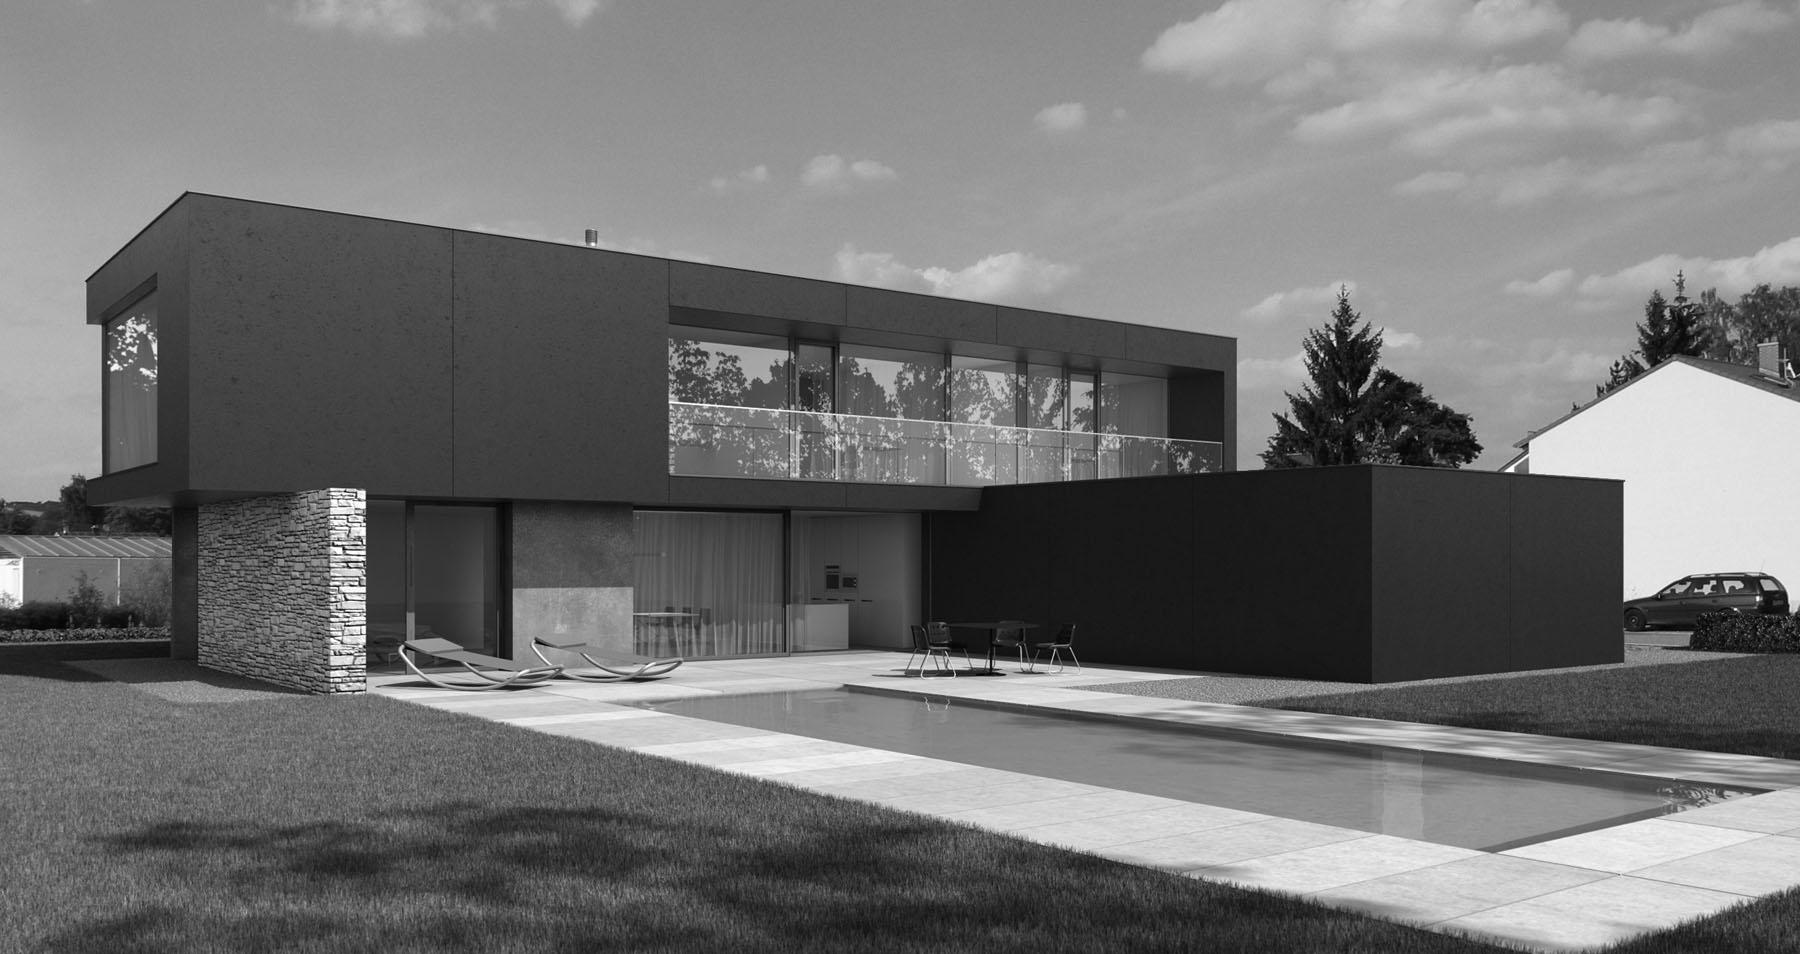 Entwurf eines modernen Einfamilienwohnhauses in Regensburg